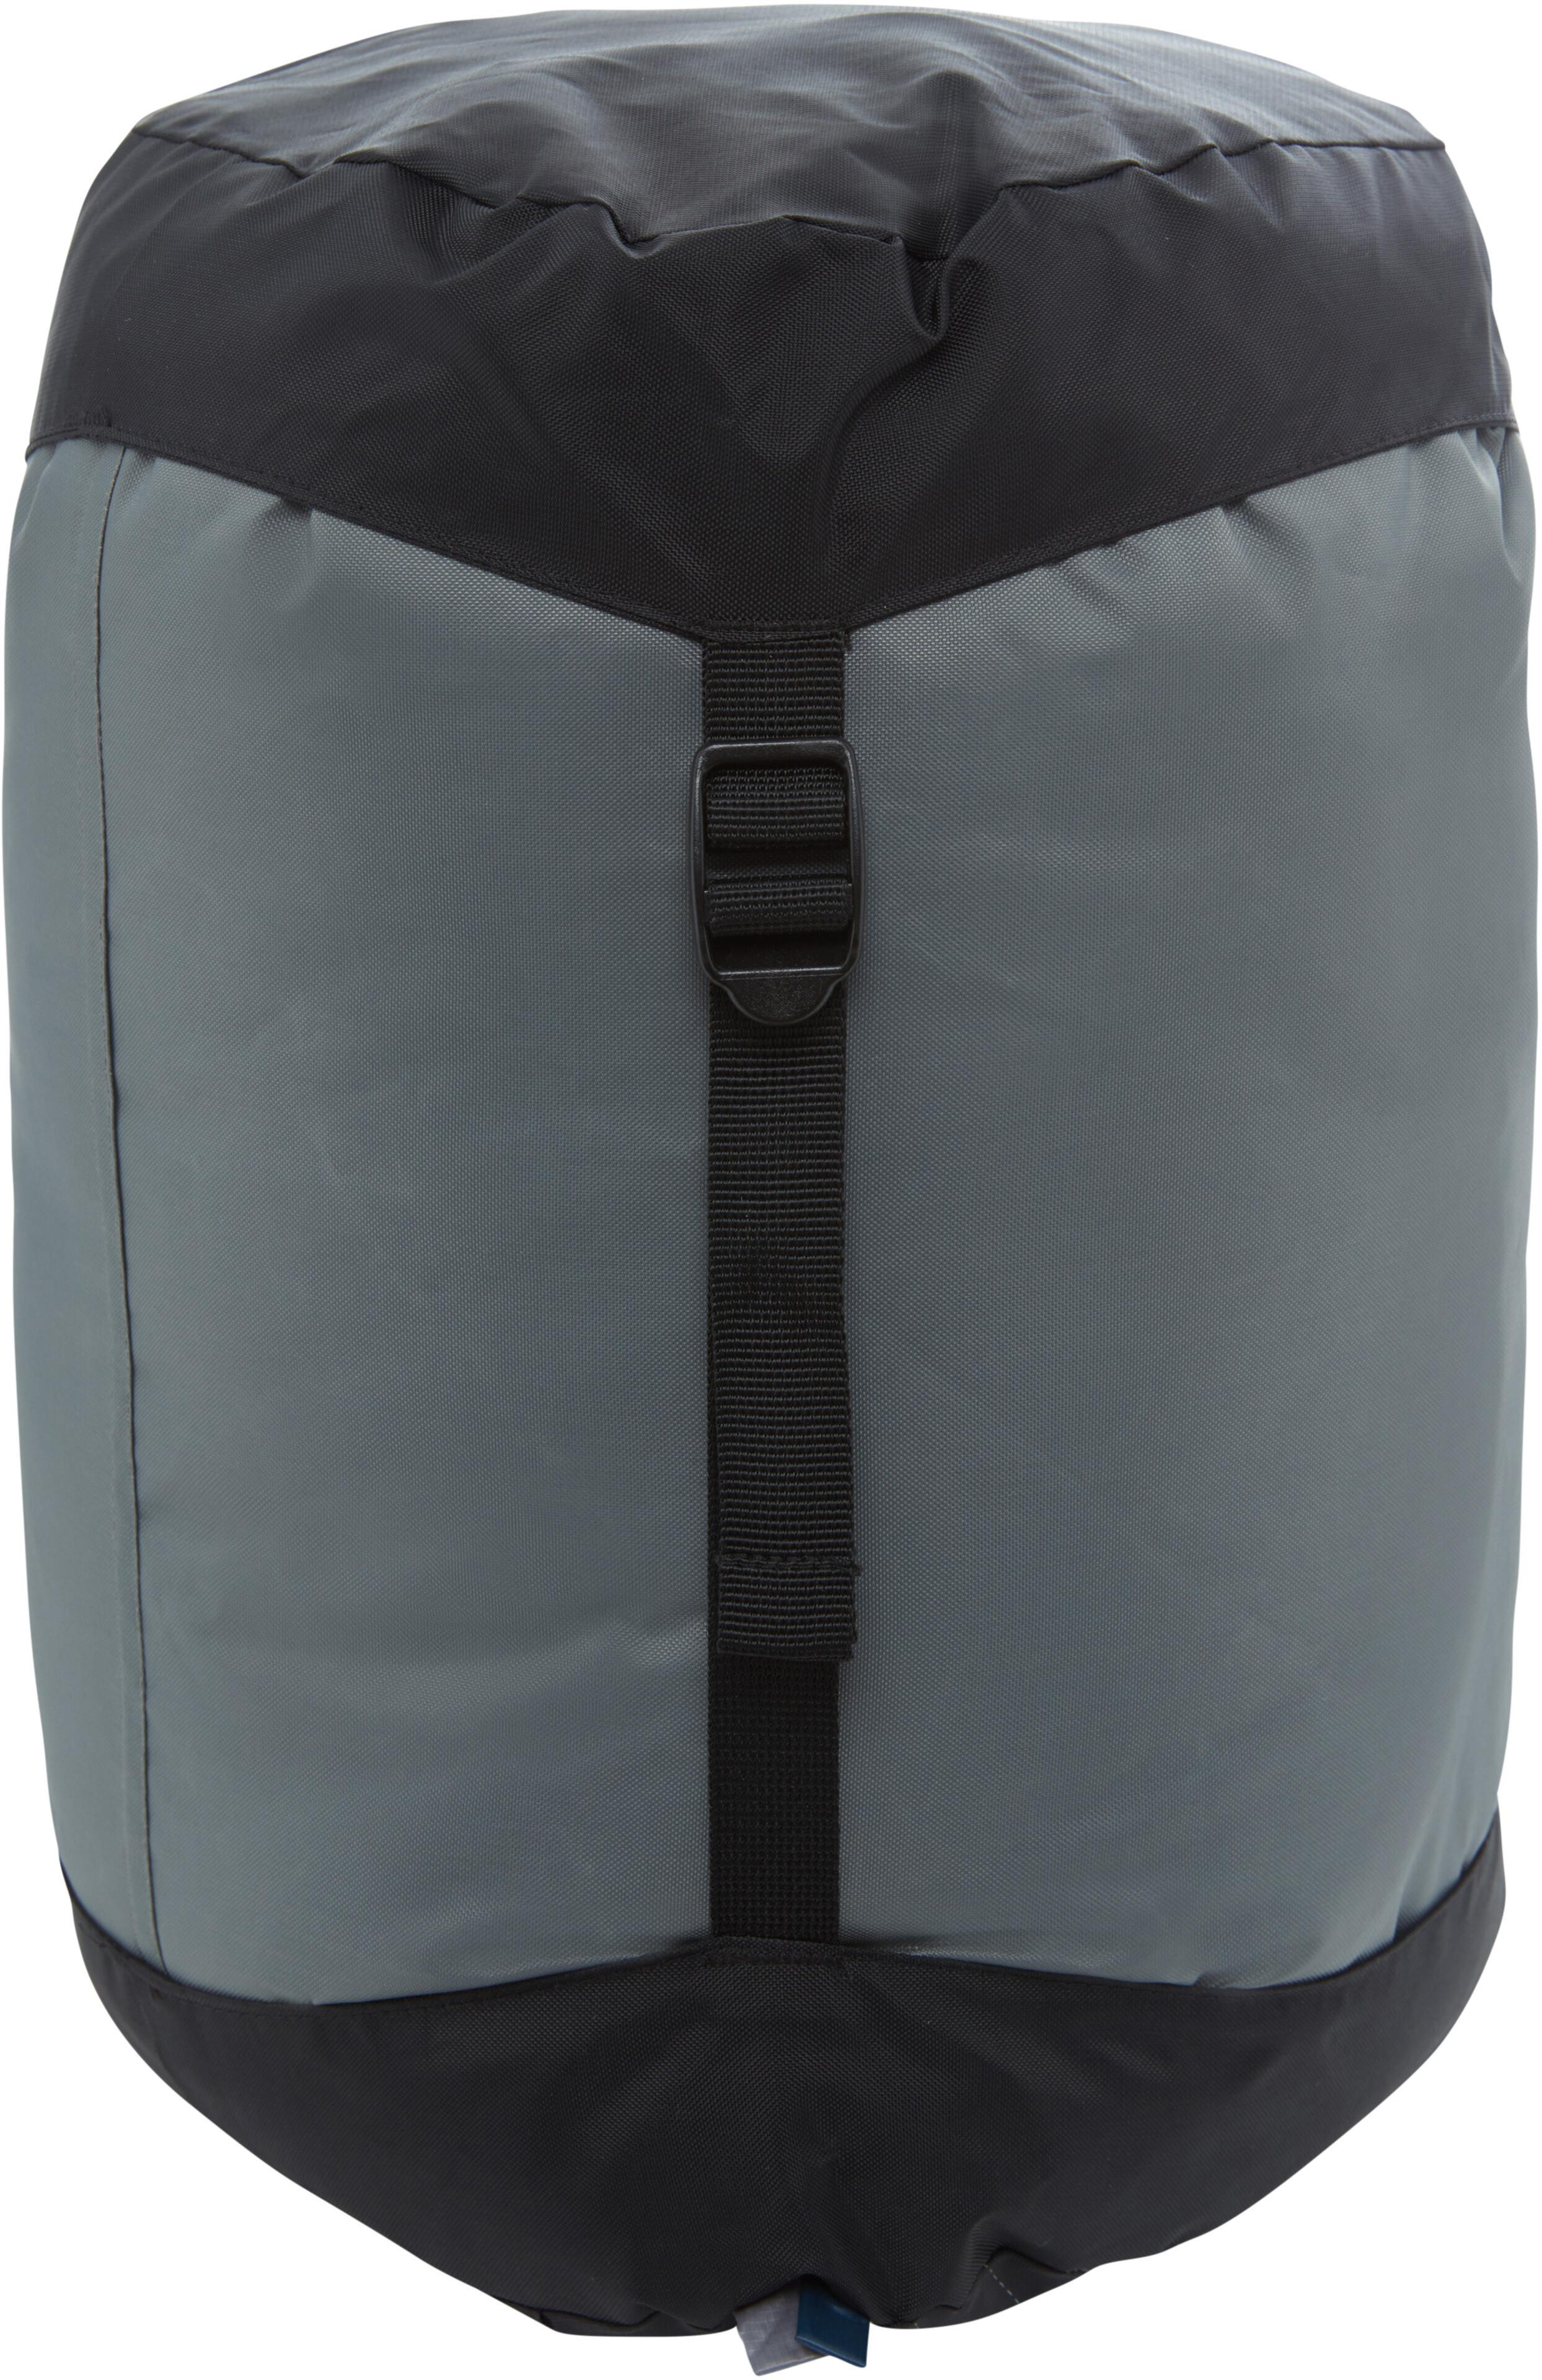 The North Face Cat's Meow Sovepose regular blå | Find outdoortøj, sko & udstyr på nettet | CAMPZ.dk